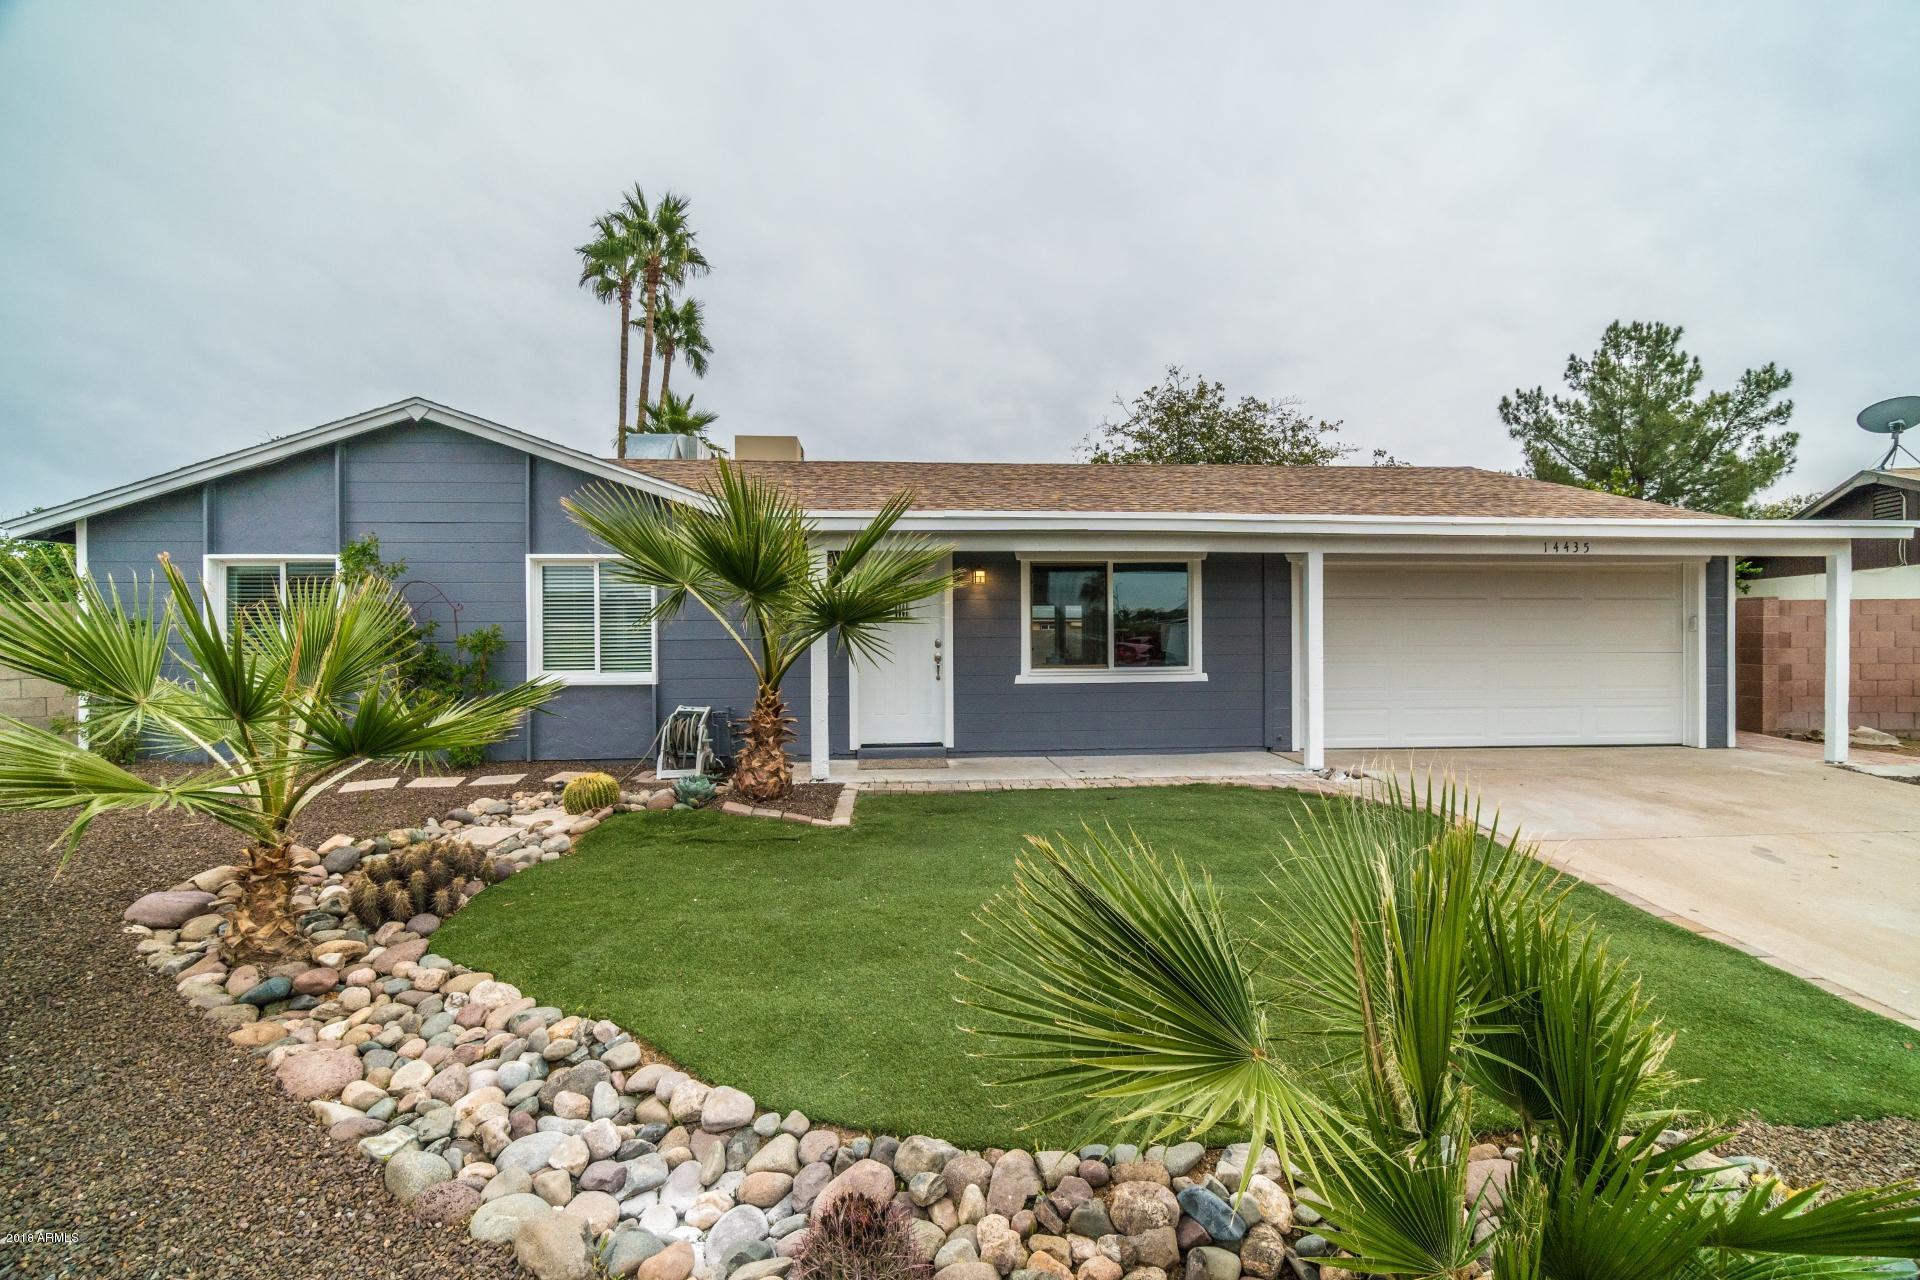 14435 N 41ST Court Phoenix, AZ 85032 - MLS #: 5856410